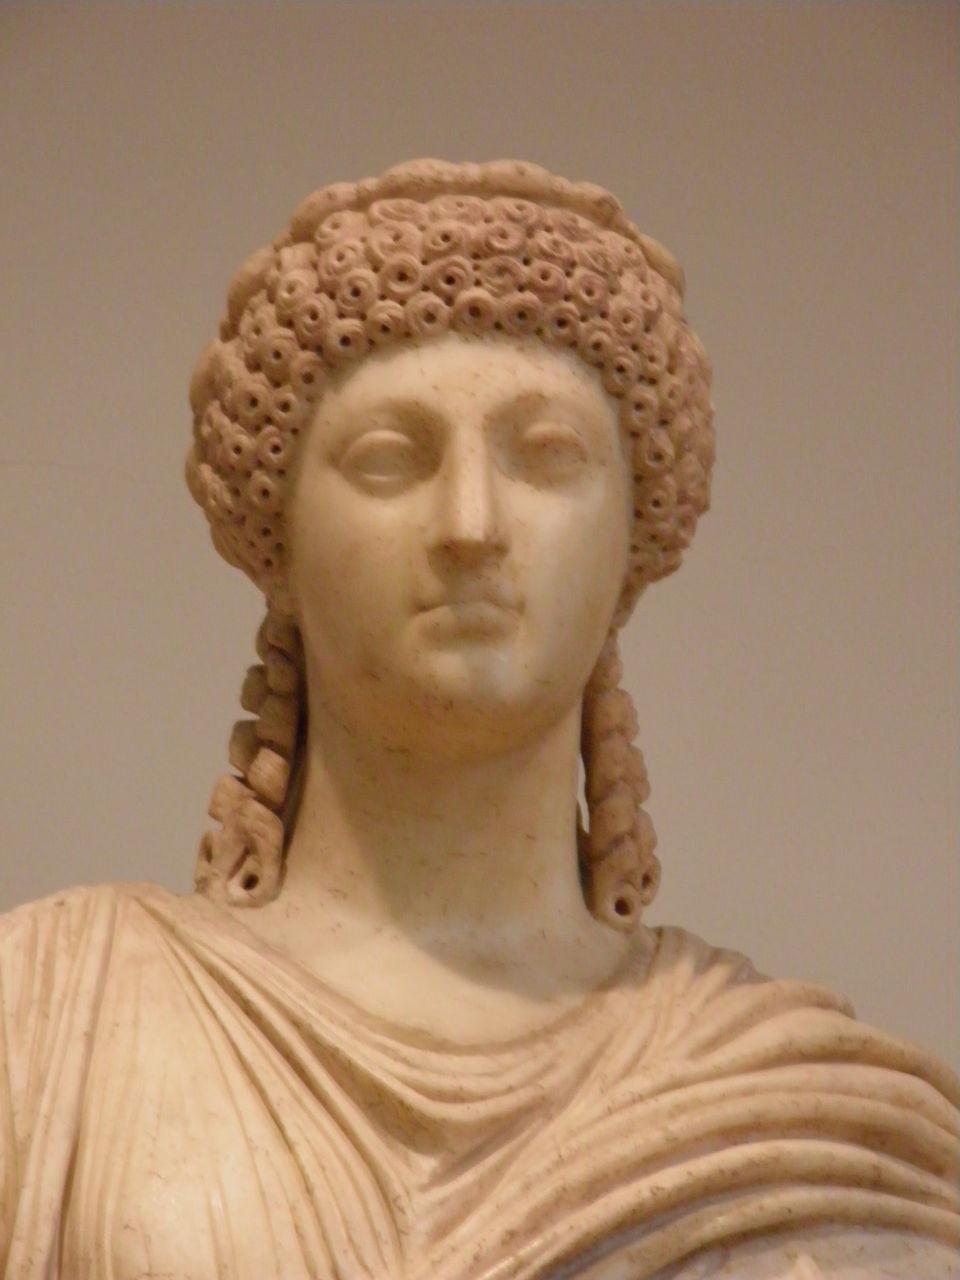 オリンピア (ギリシャ)の画像 p1_30